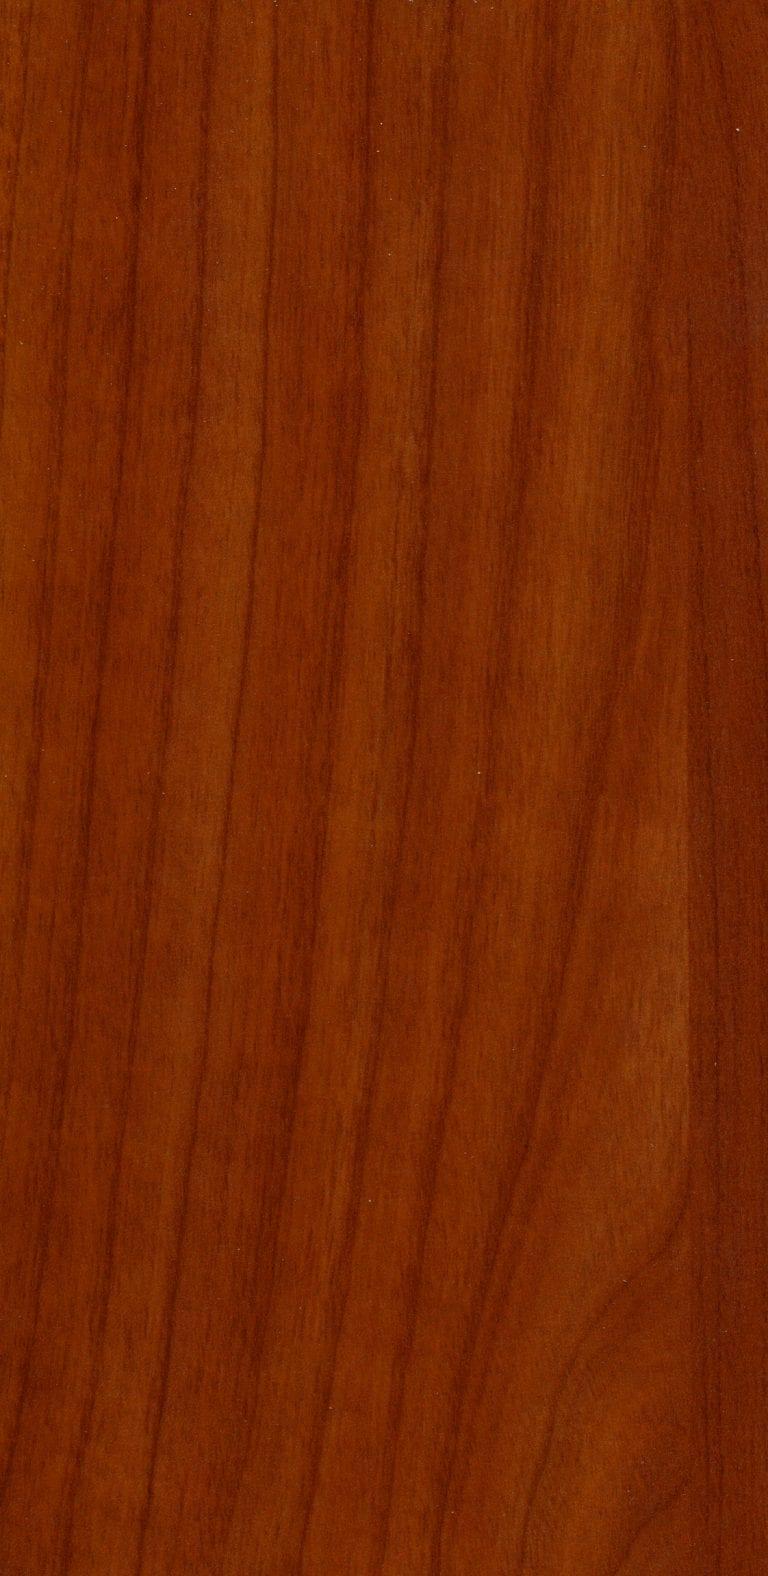 L366 Japansk körsbär